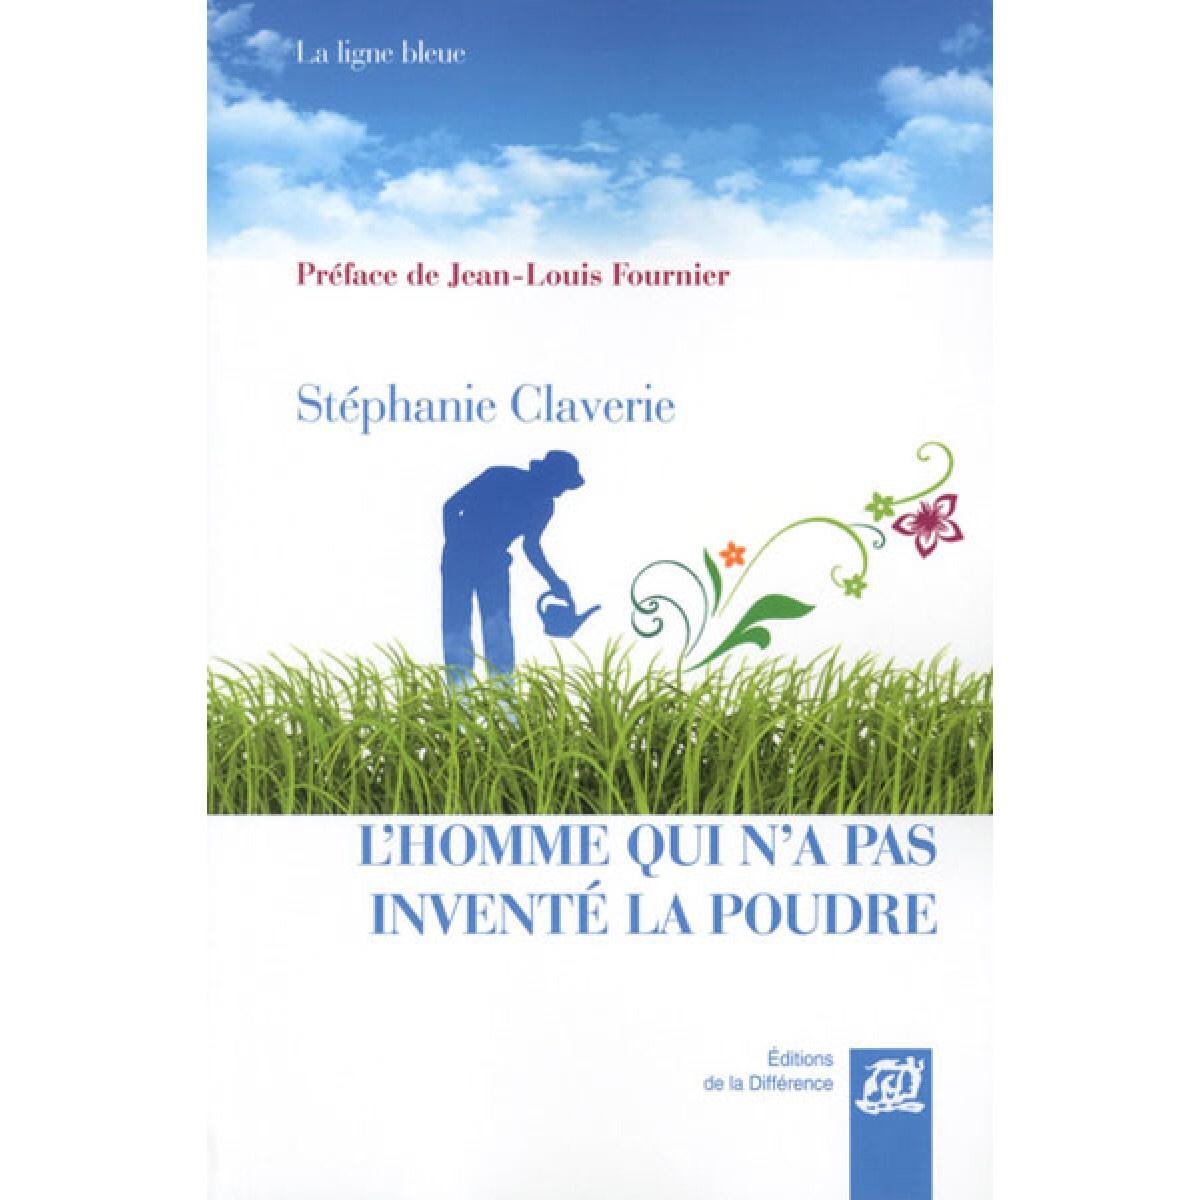 Stéphanie Claverie : L'homme qui n'a pas inventé la poudre